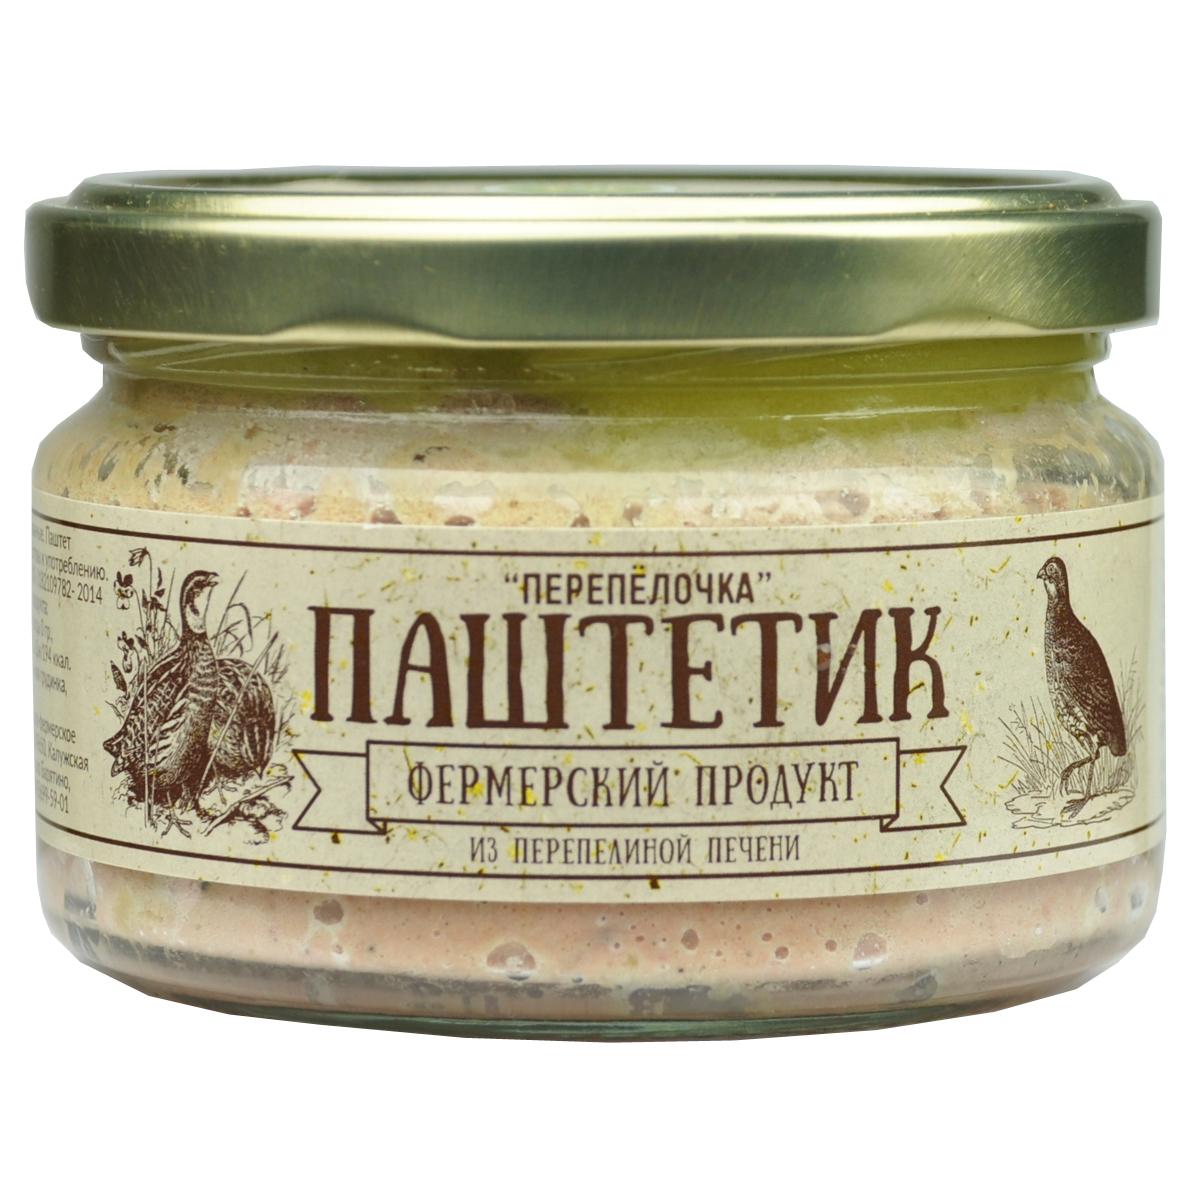 Фермерский продукт паштет перепелочка, 200 г паштет argeta из мяса индейки 95г